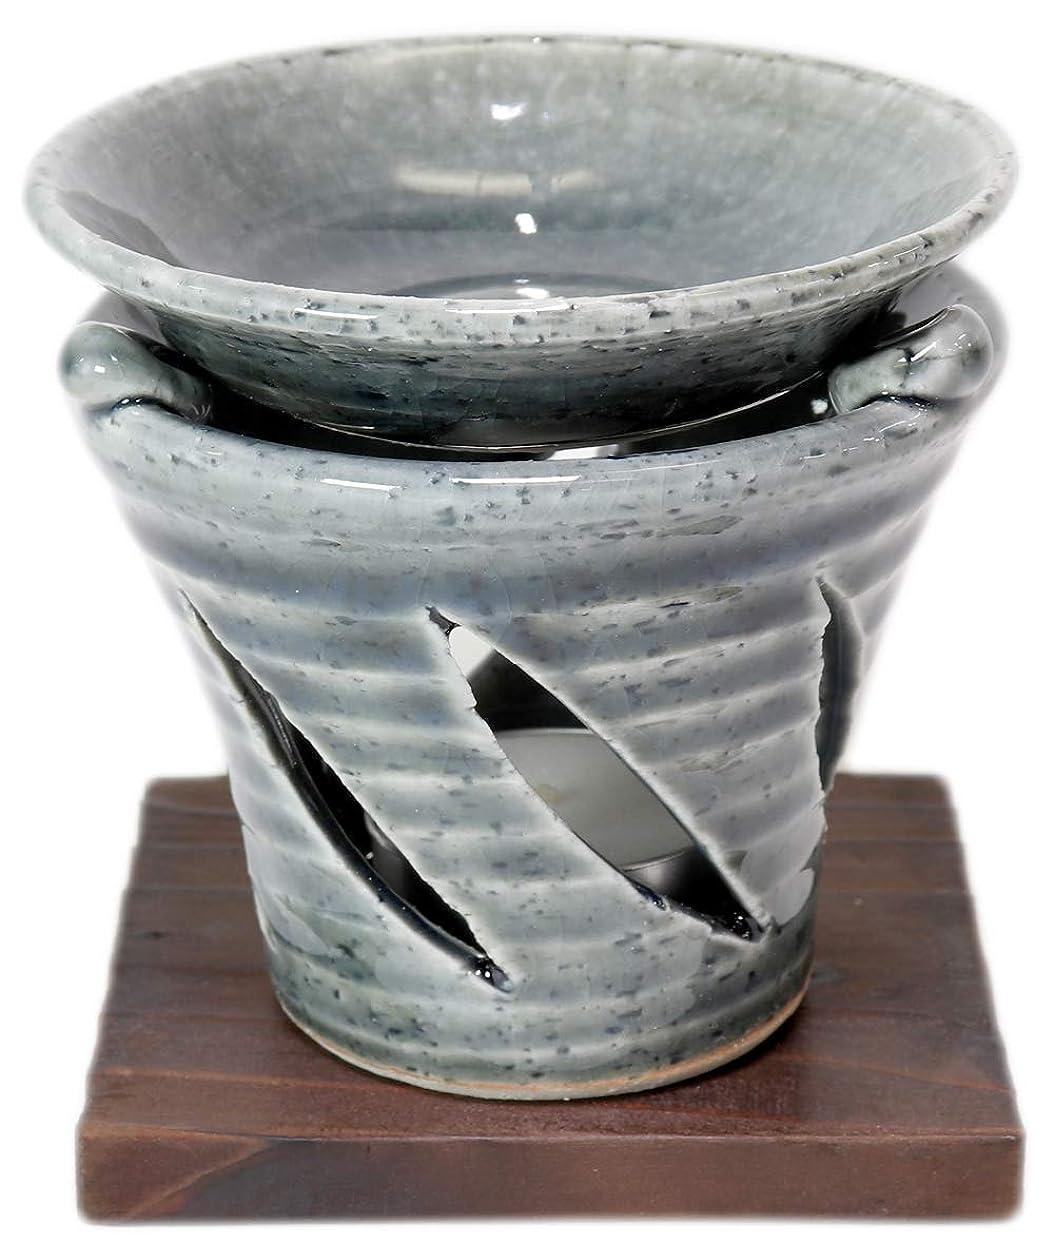 ボタンに渡って遅い香炉 京織部 茶香炉 [R9.5xH9.7cm] HANDMADE プレゼント ギフト 和食器 かわいい インテリア